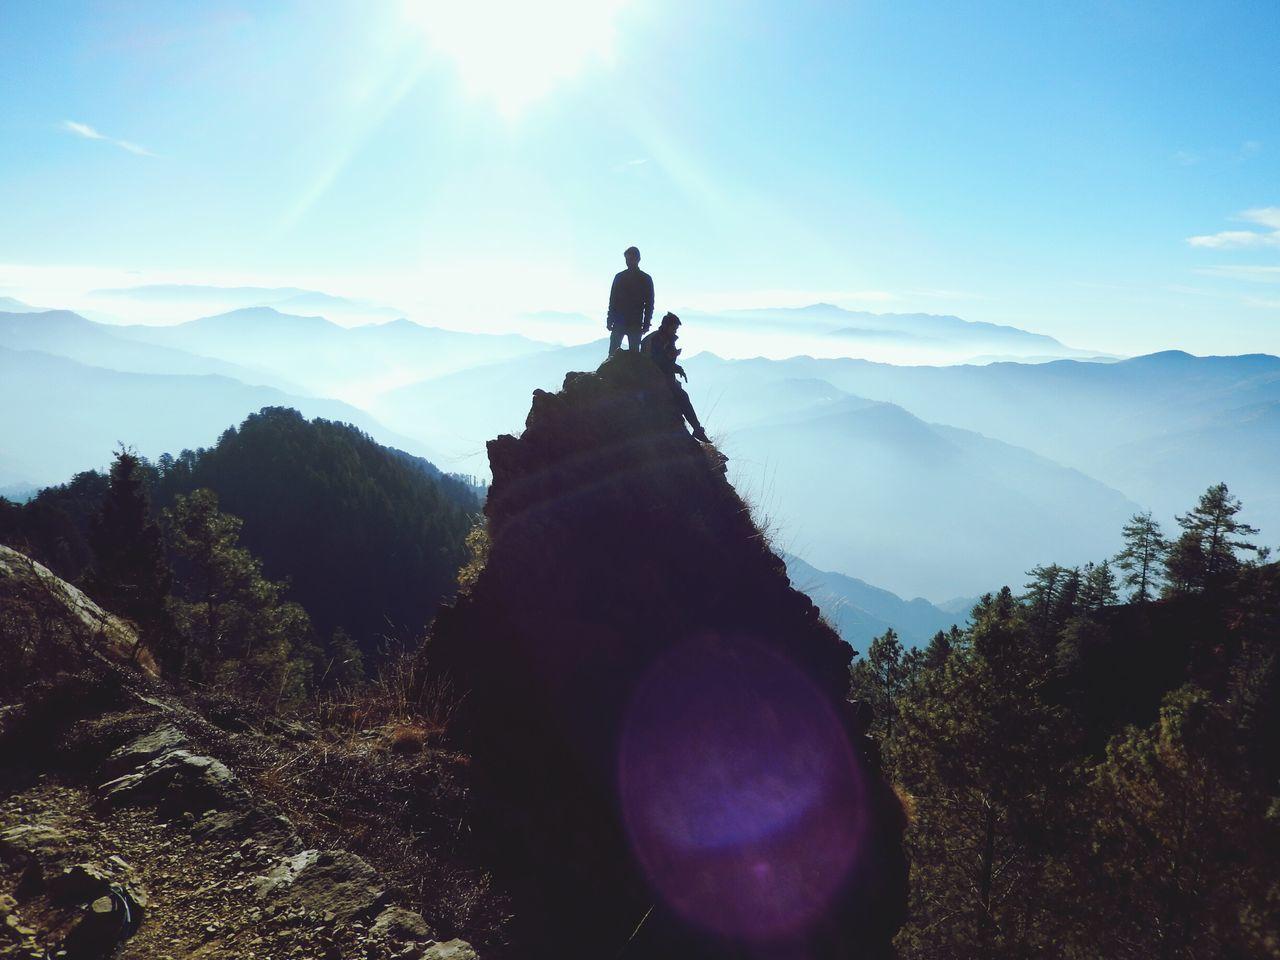 SUN SHINING THROUGH MOUNTAIN